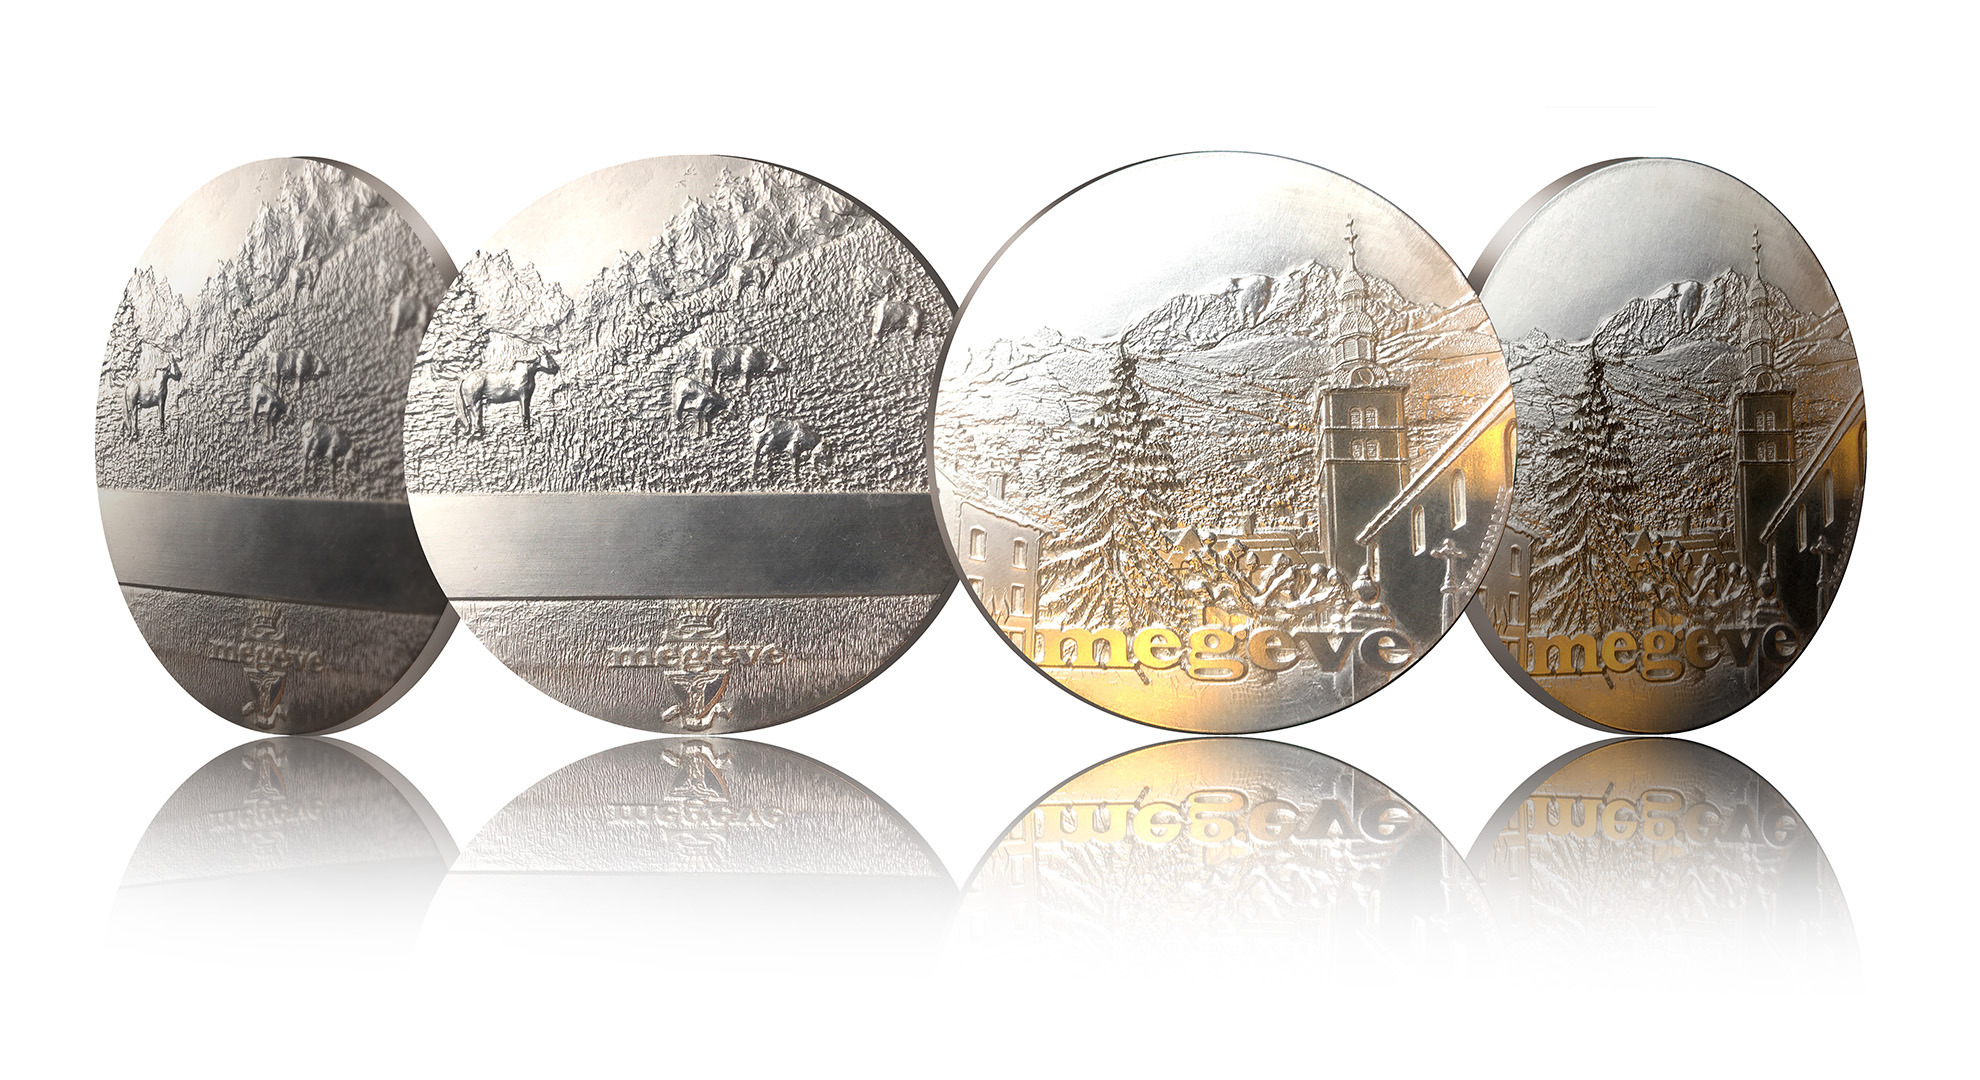 Création de la nouvelle médaille de Megève – 2019